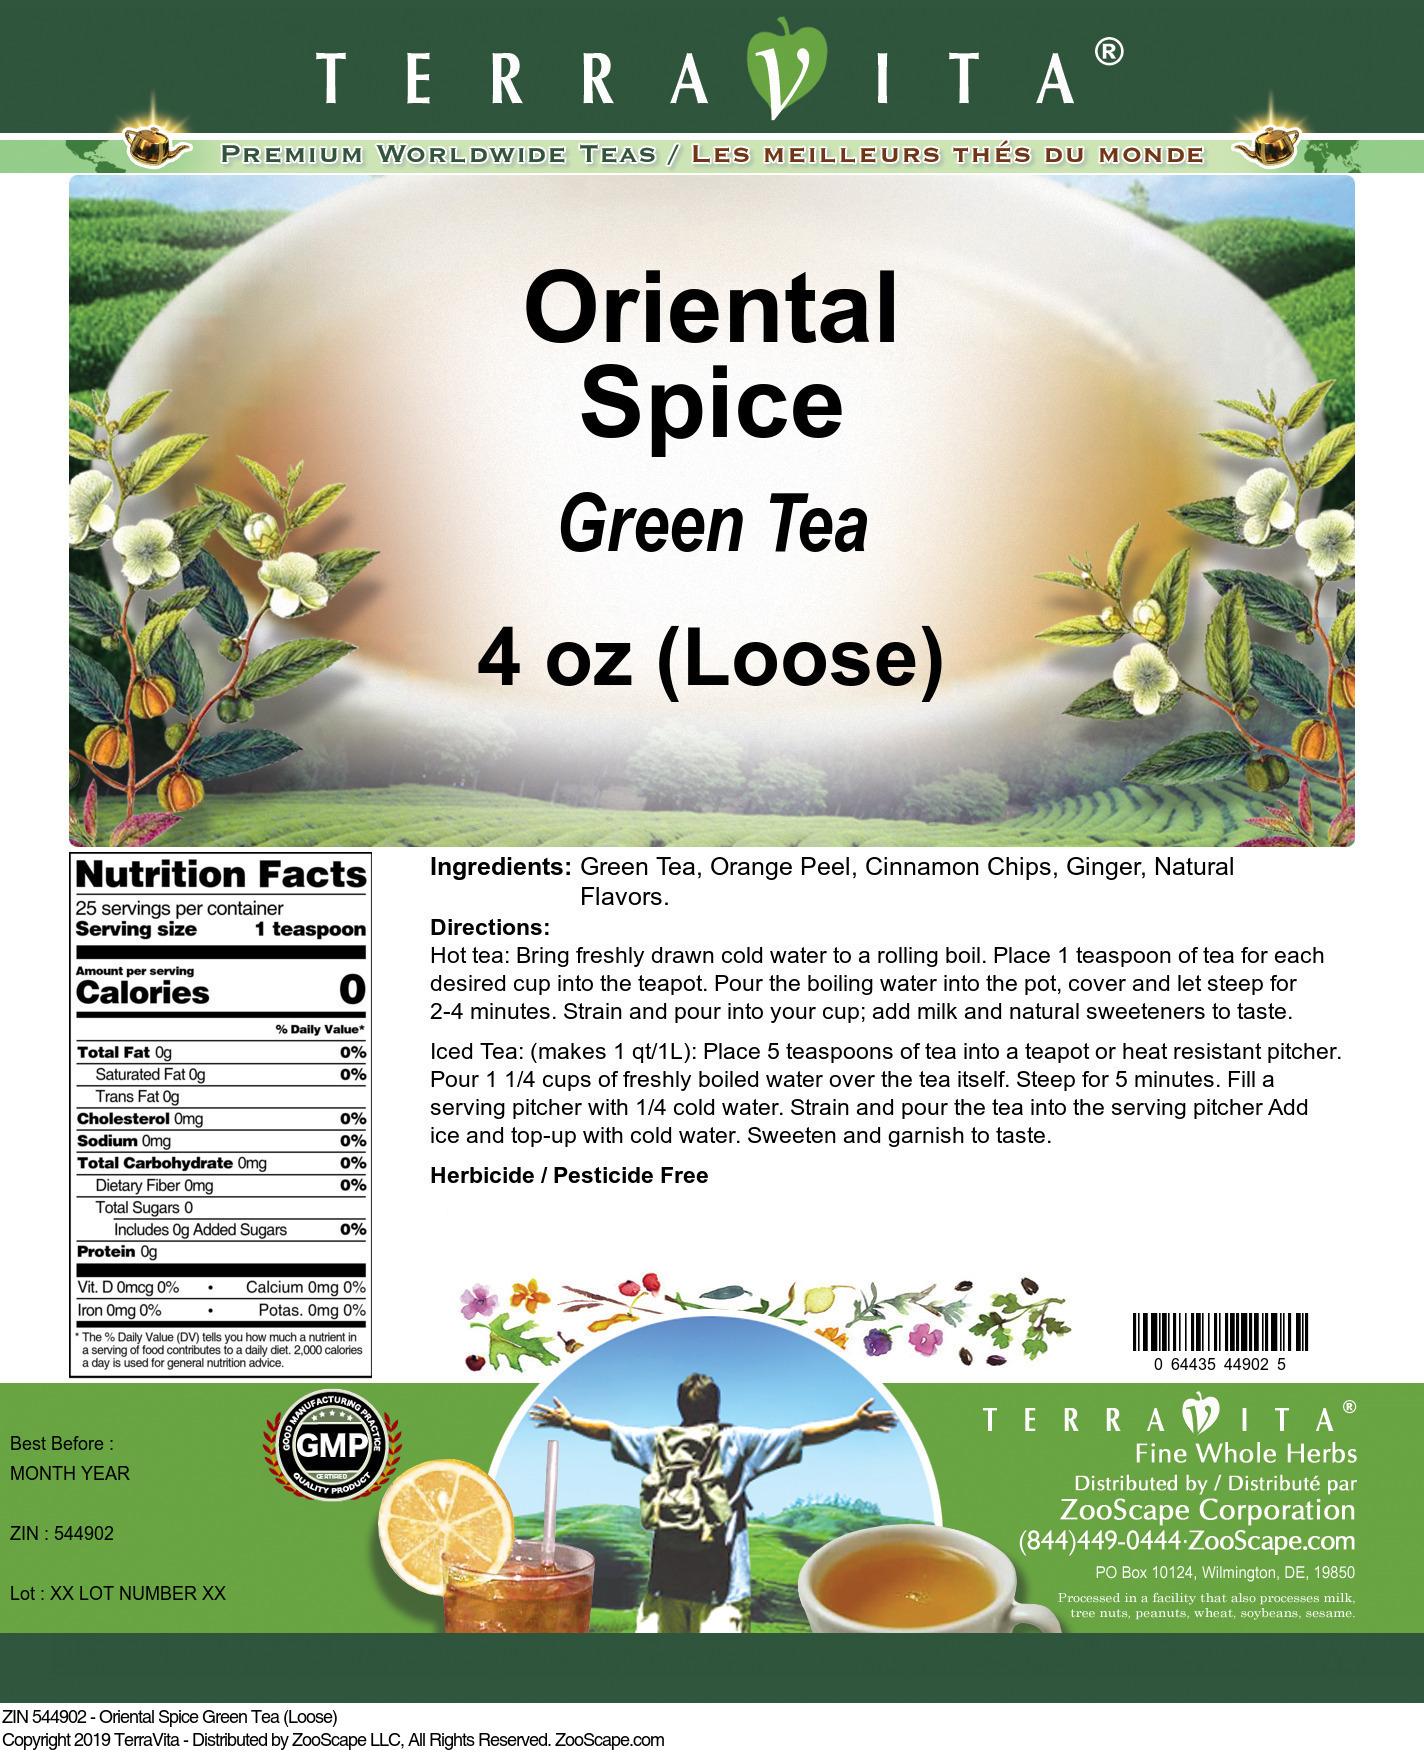 Oriental Spice Green Tea (Loose)